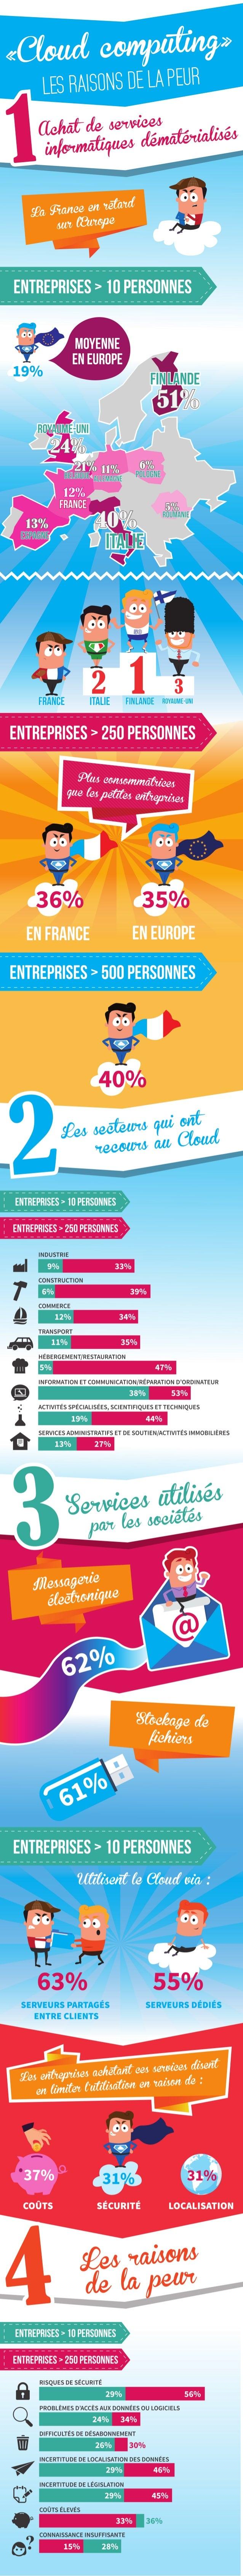 Infographie Cloud computing - Les raisons de la peur, par Owentis